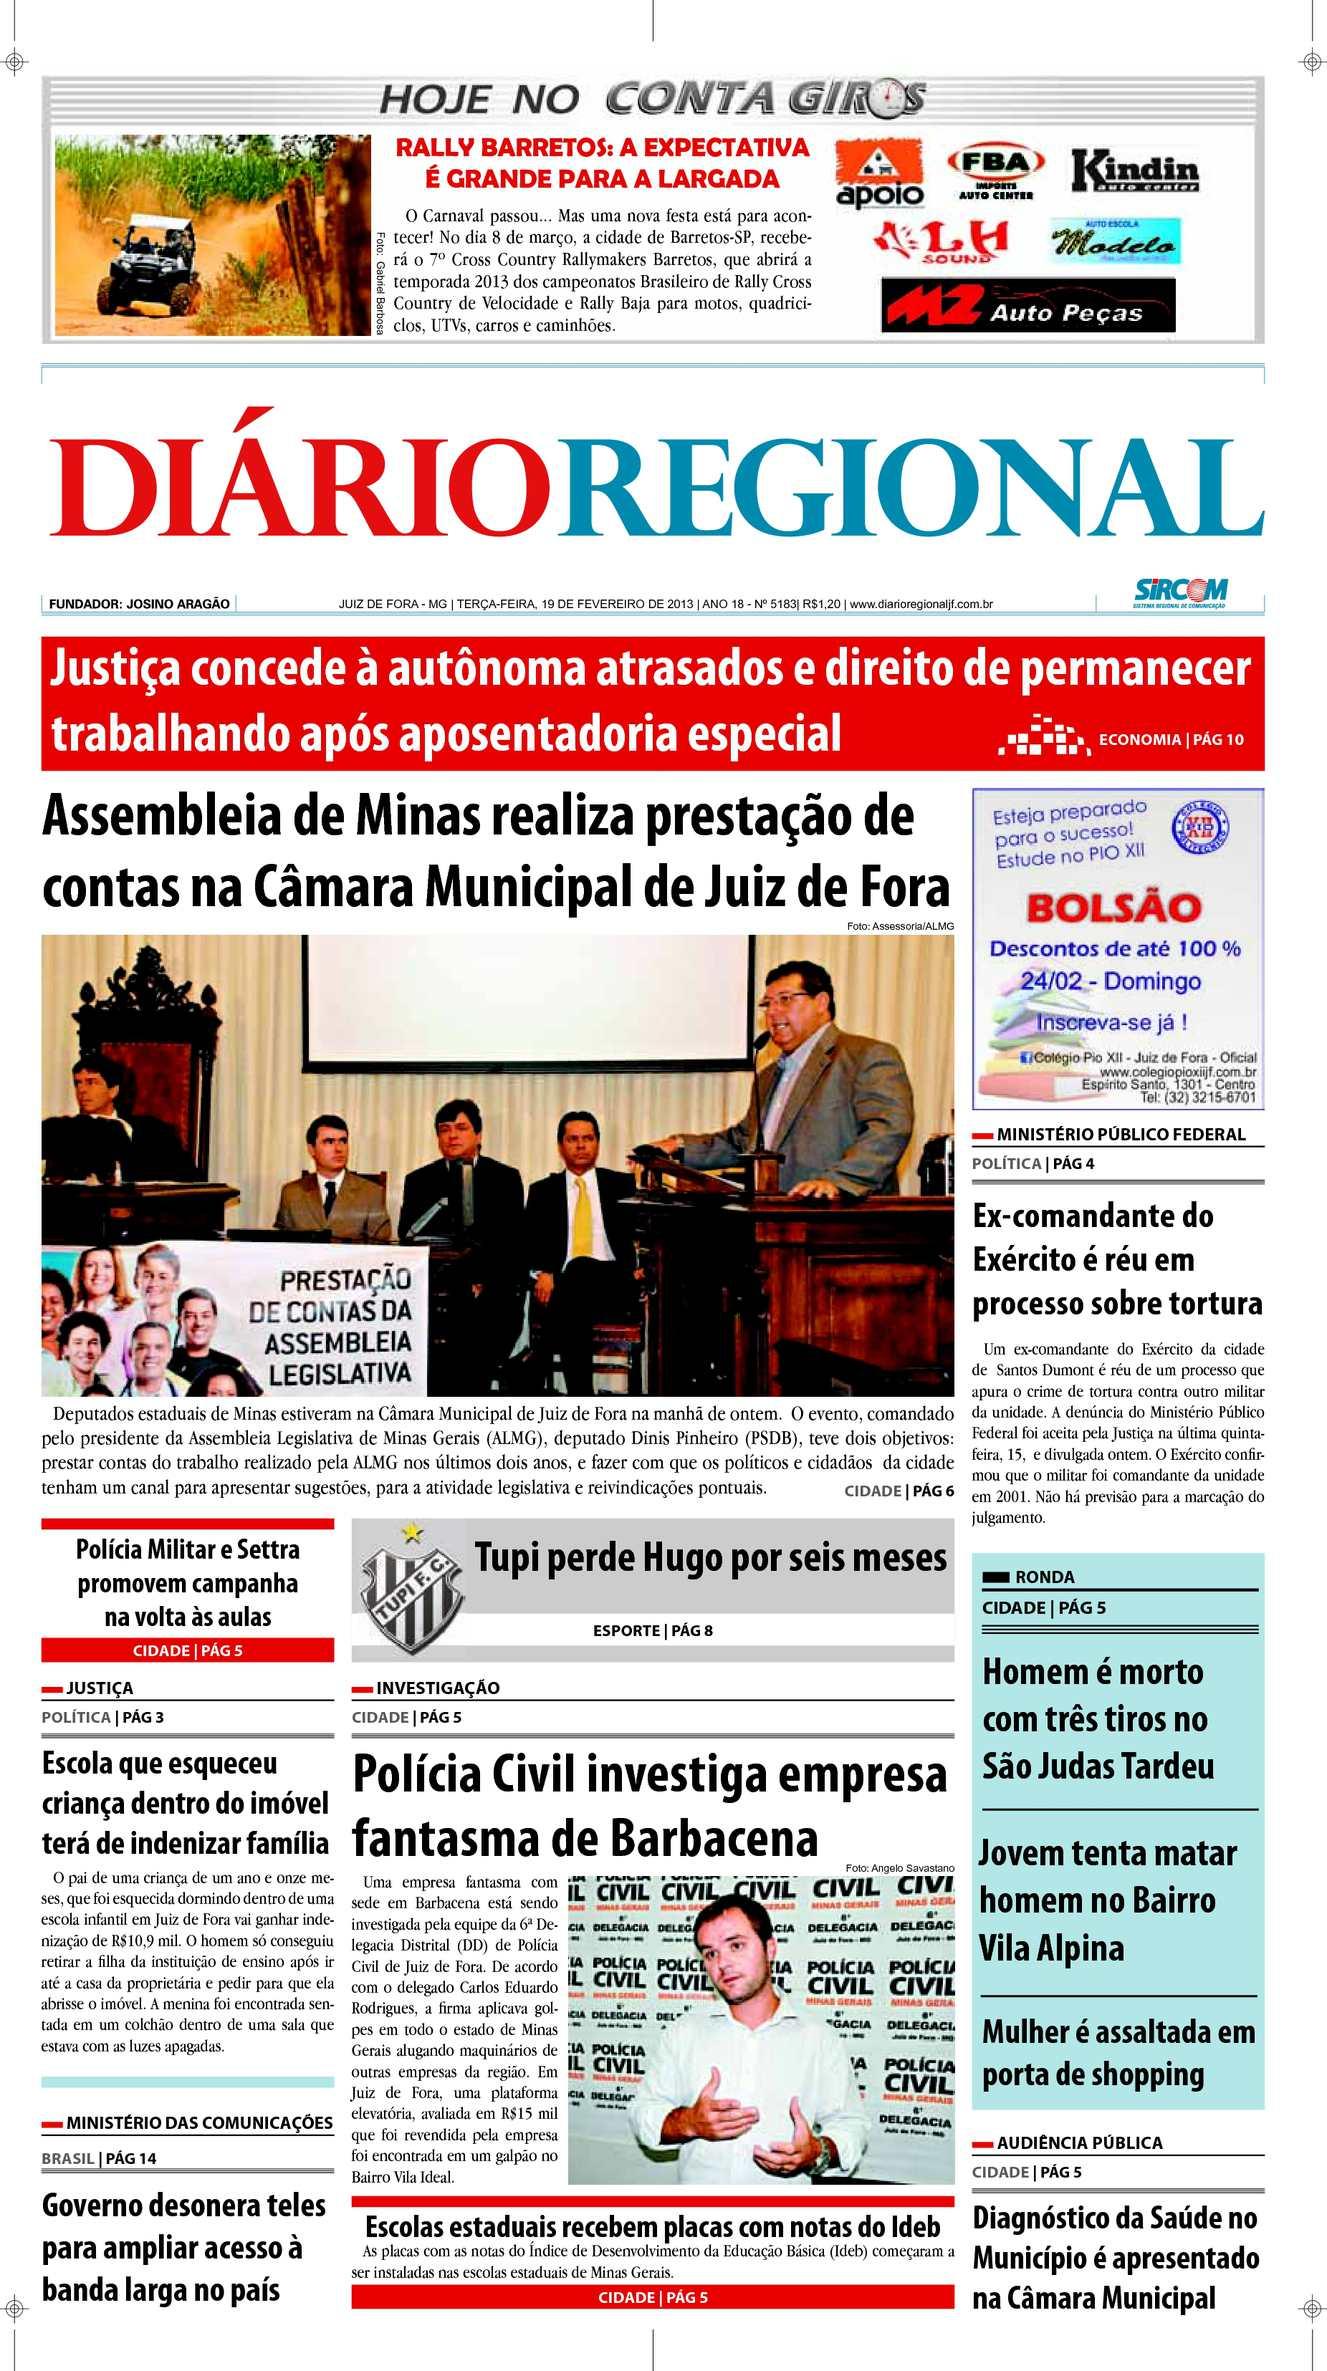 046cff60c93 Calaméo - Edição 19 02 2013